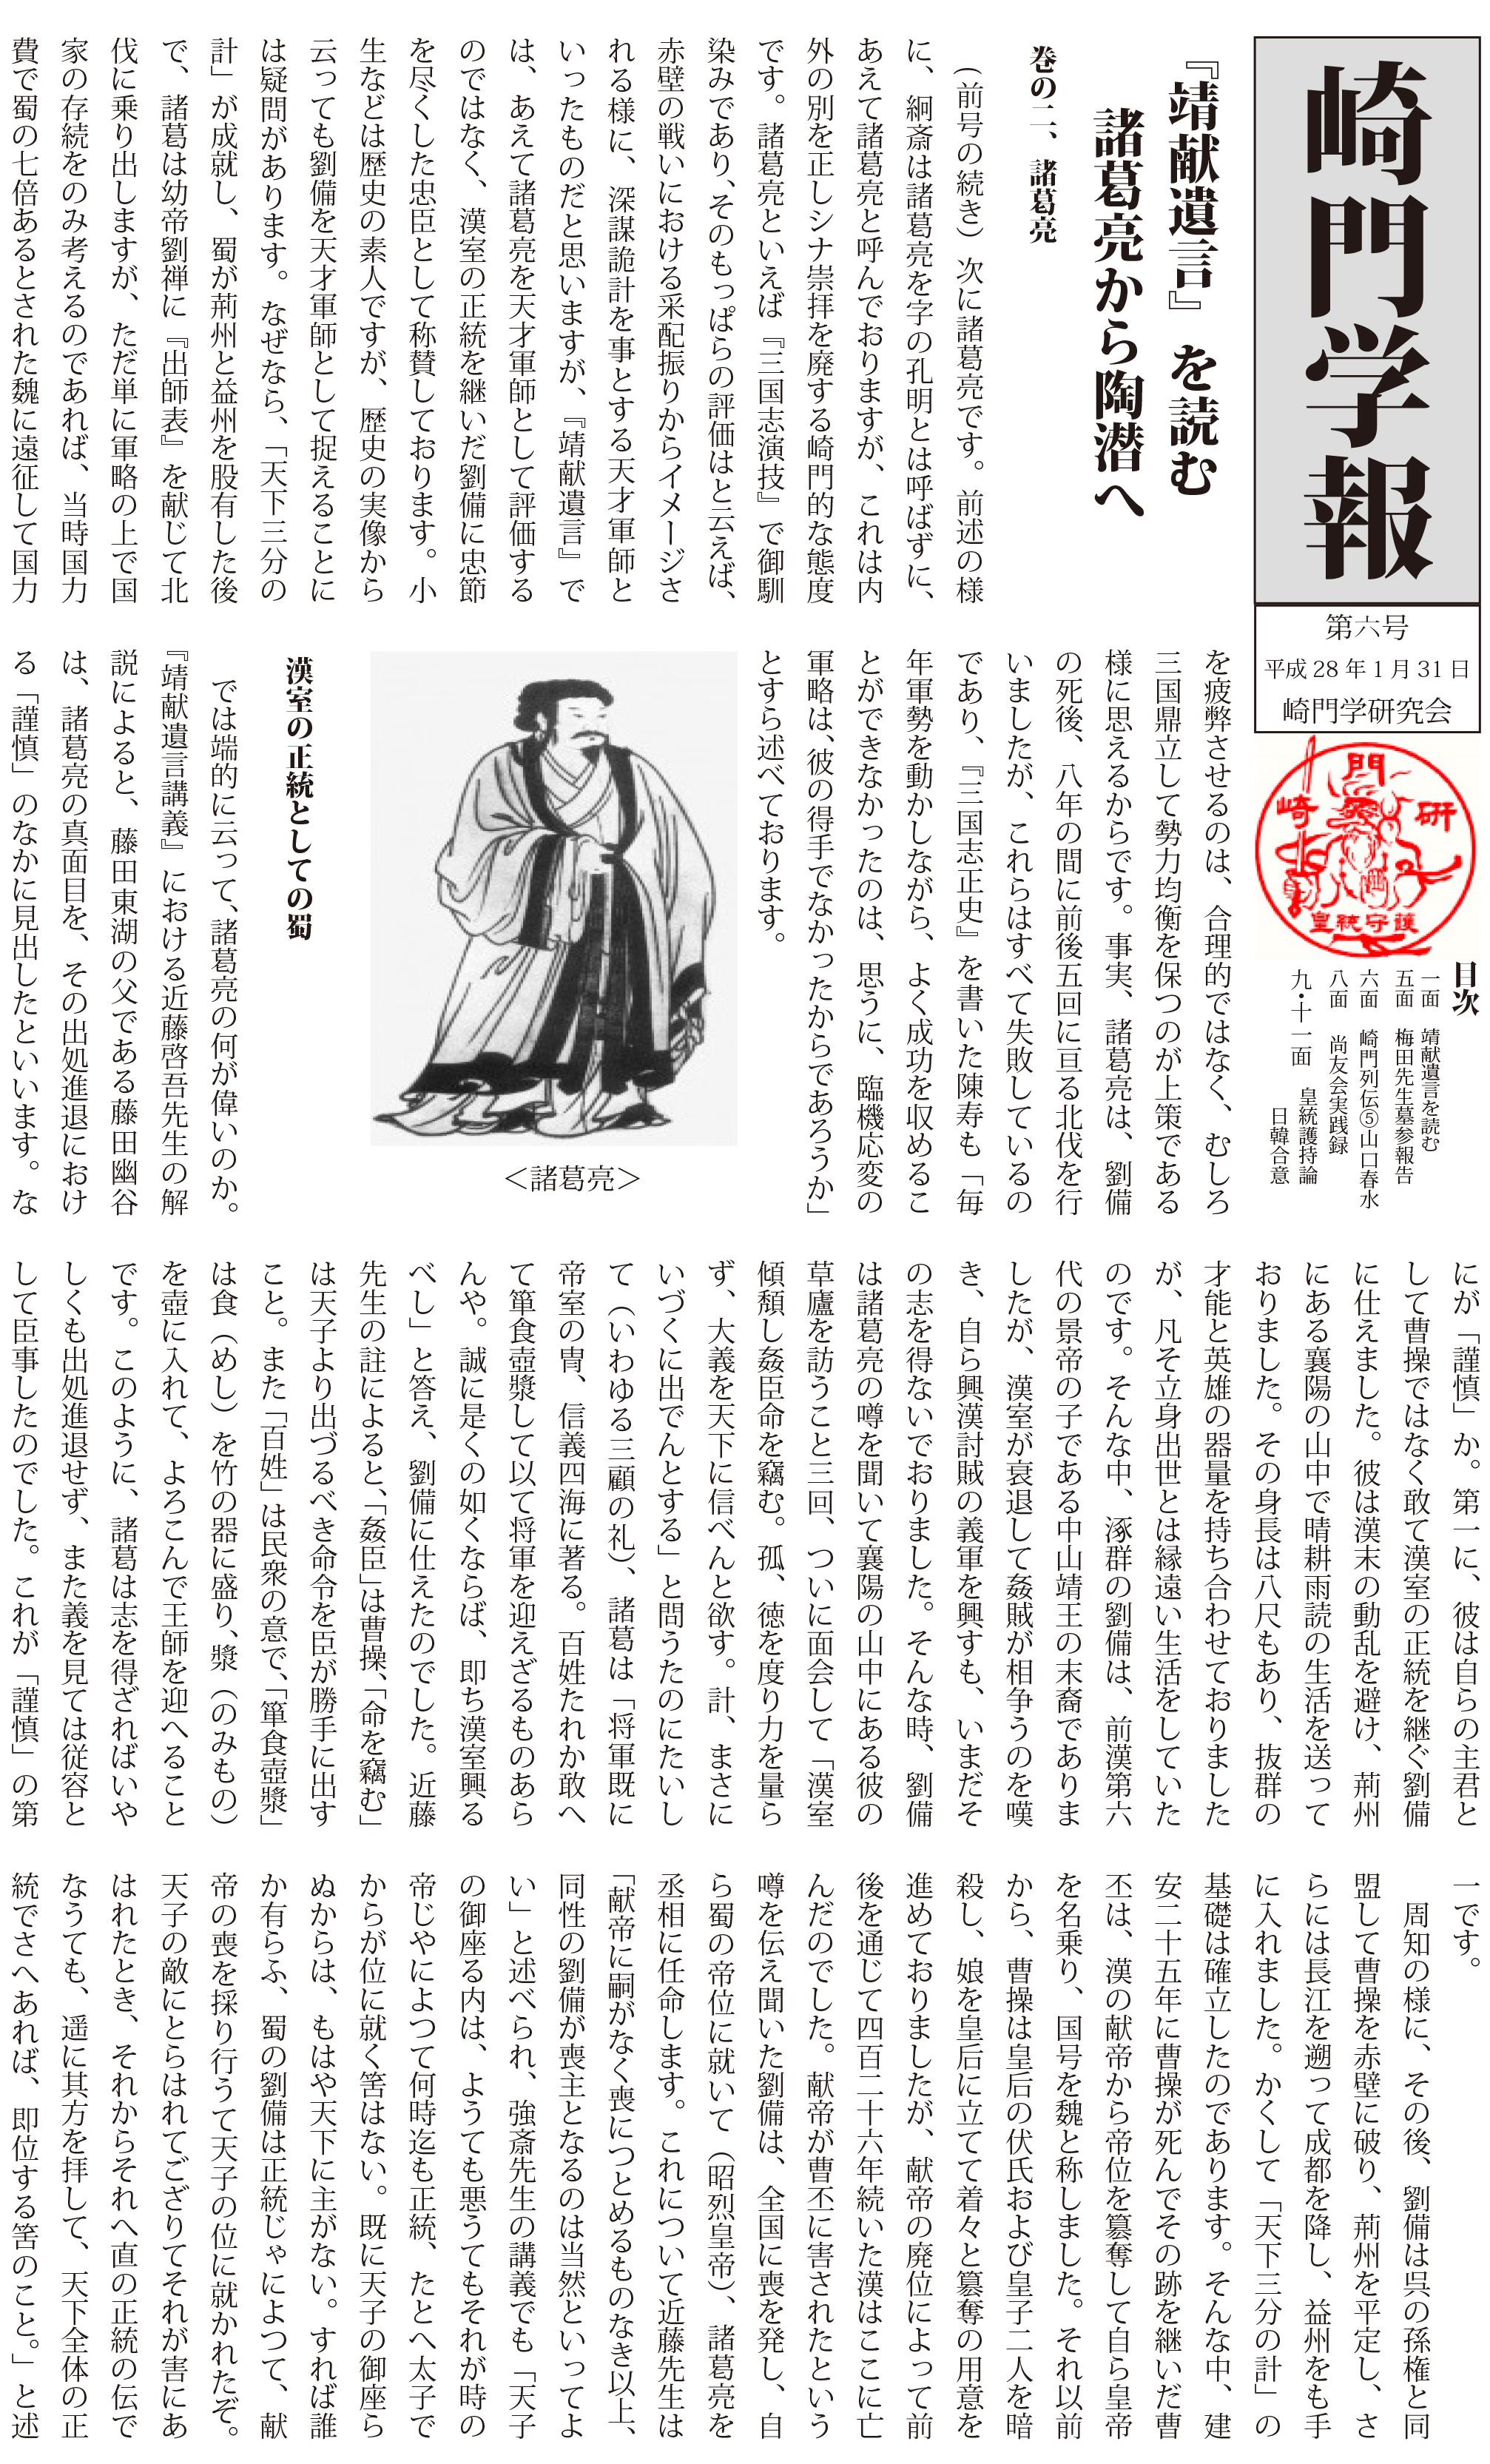 『崎門学報』第6号・ダウンロード販売